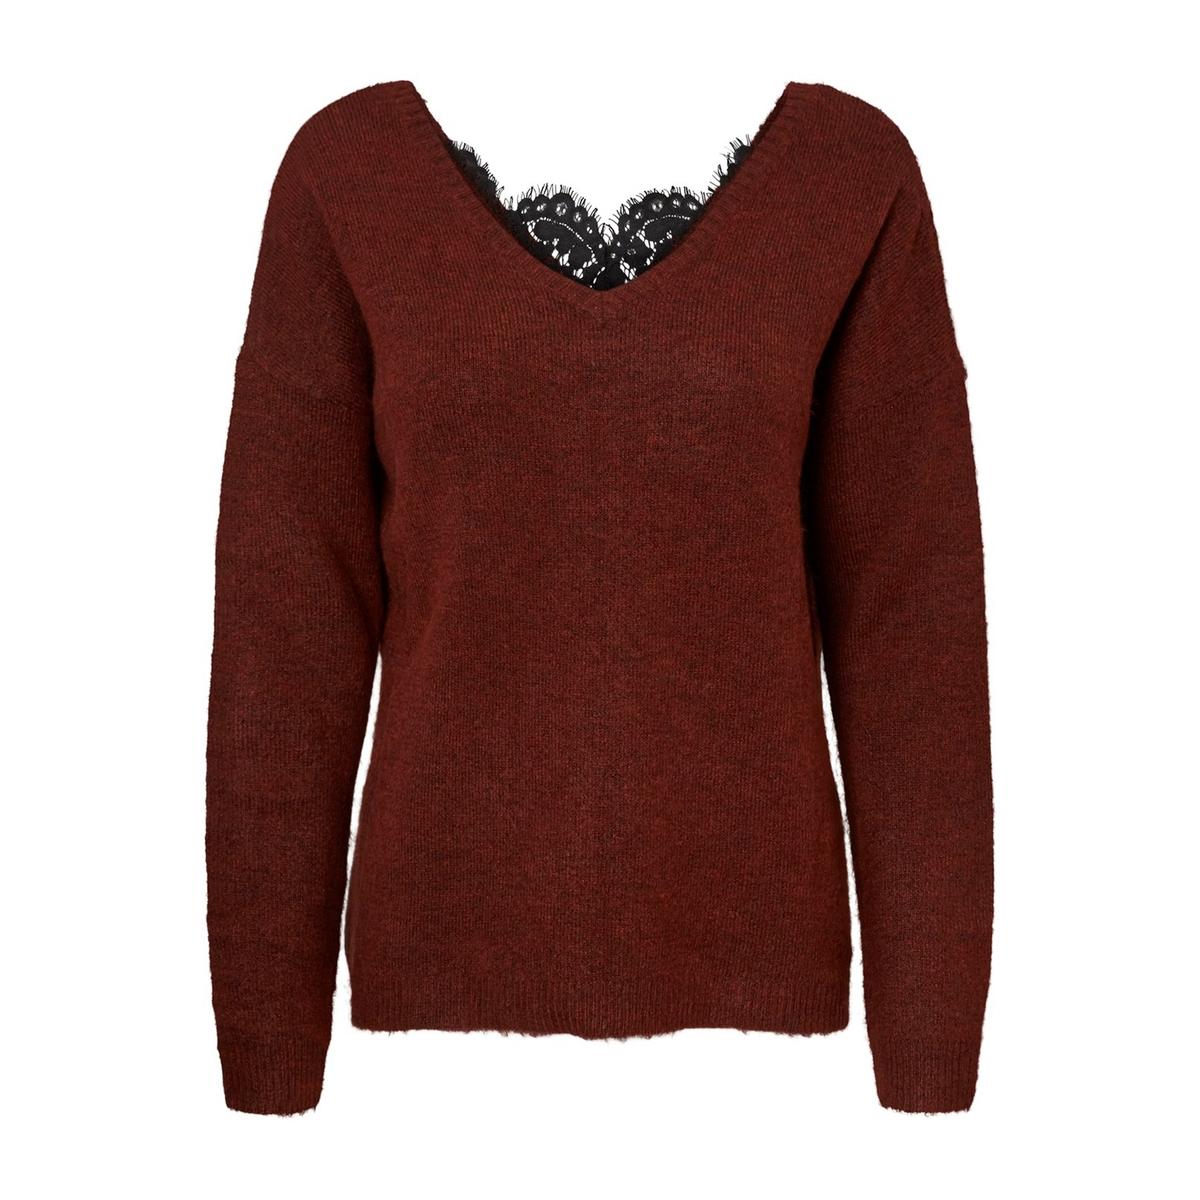 Пуловер La Redoute С V-образным вырезом с отделкой кружевом M каштановый